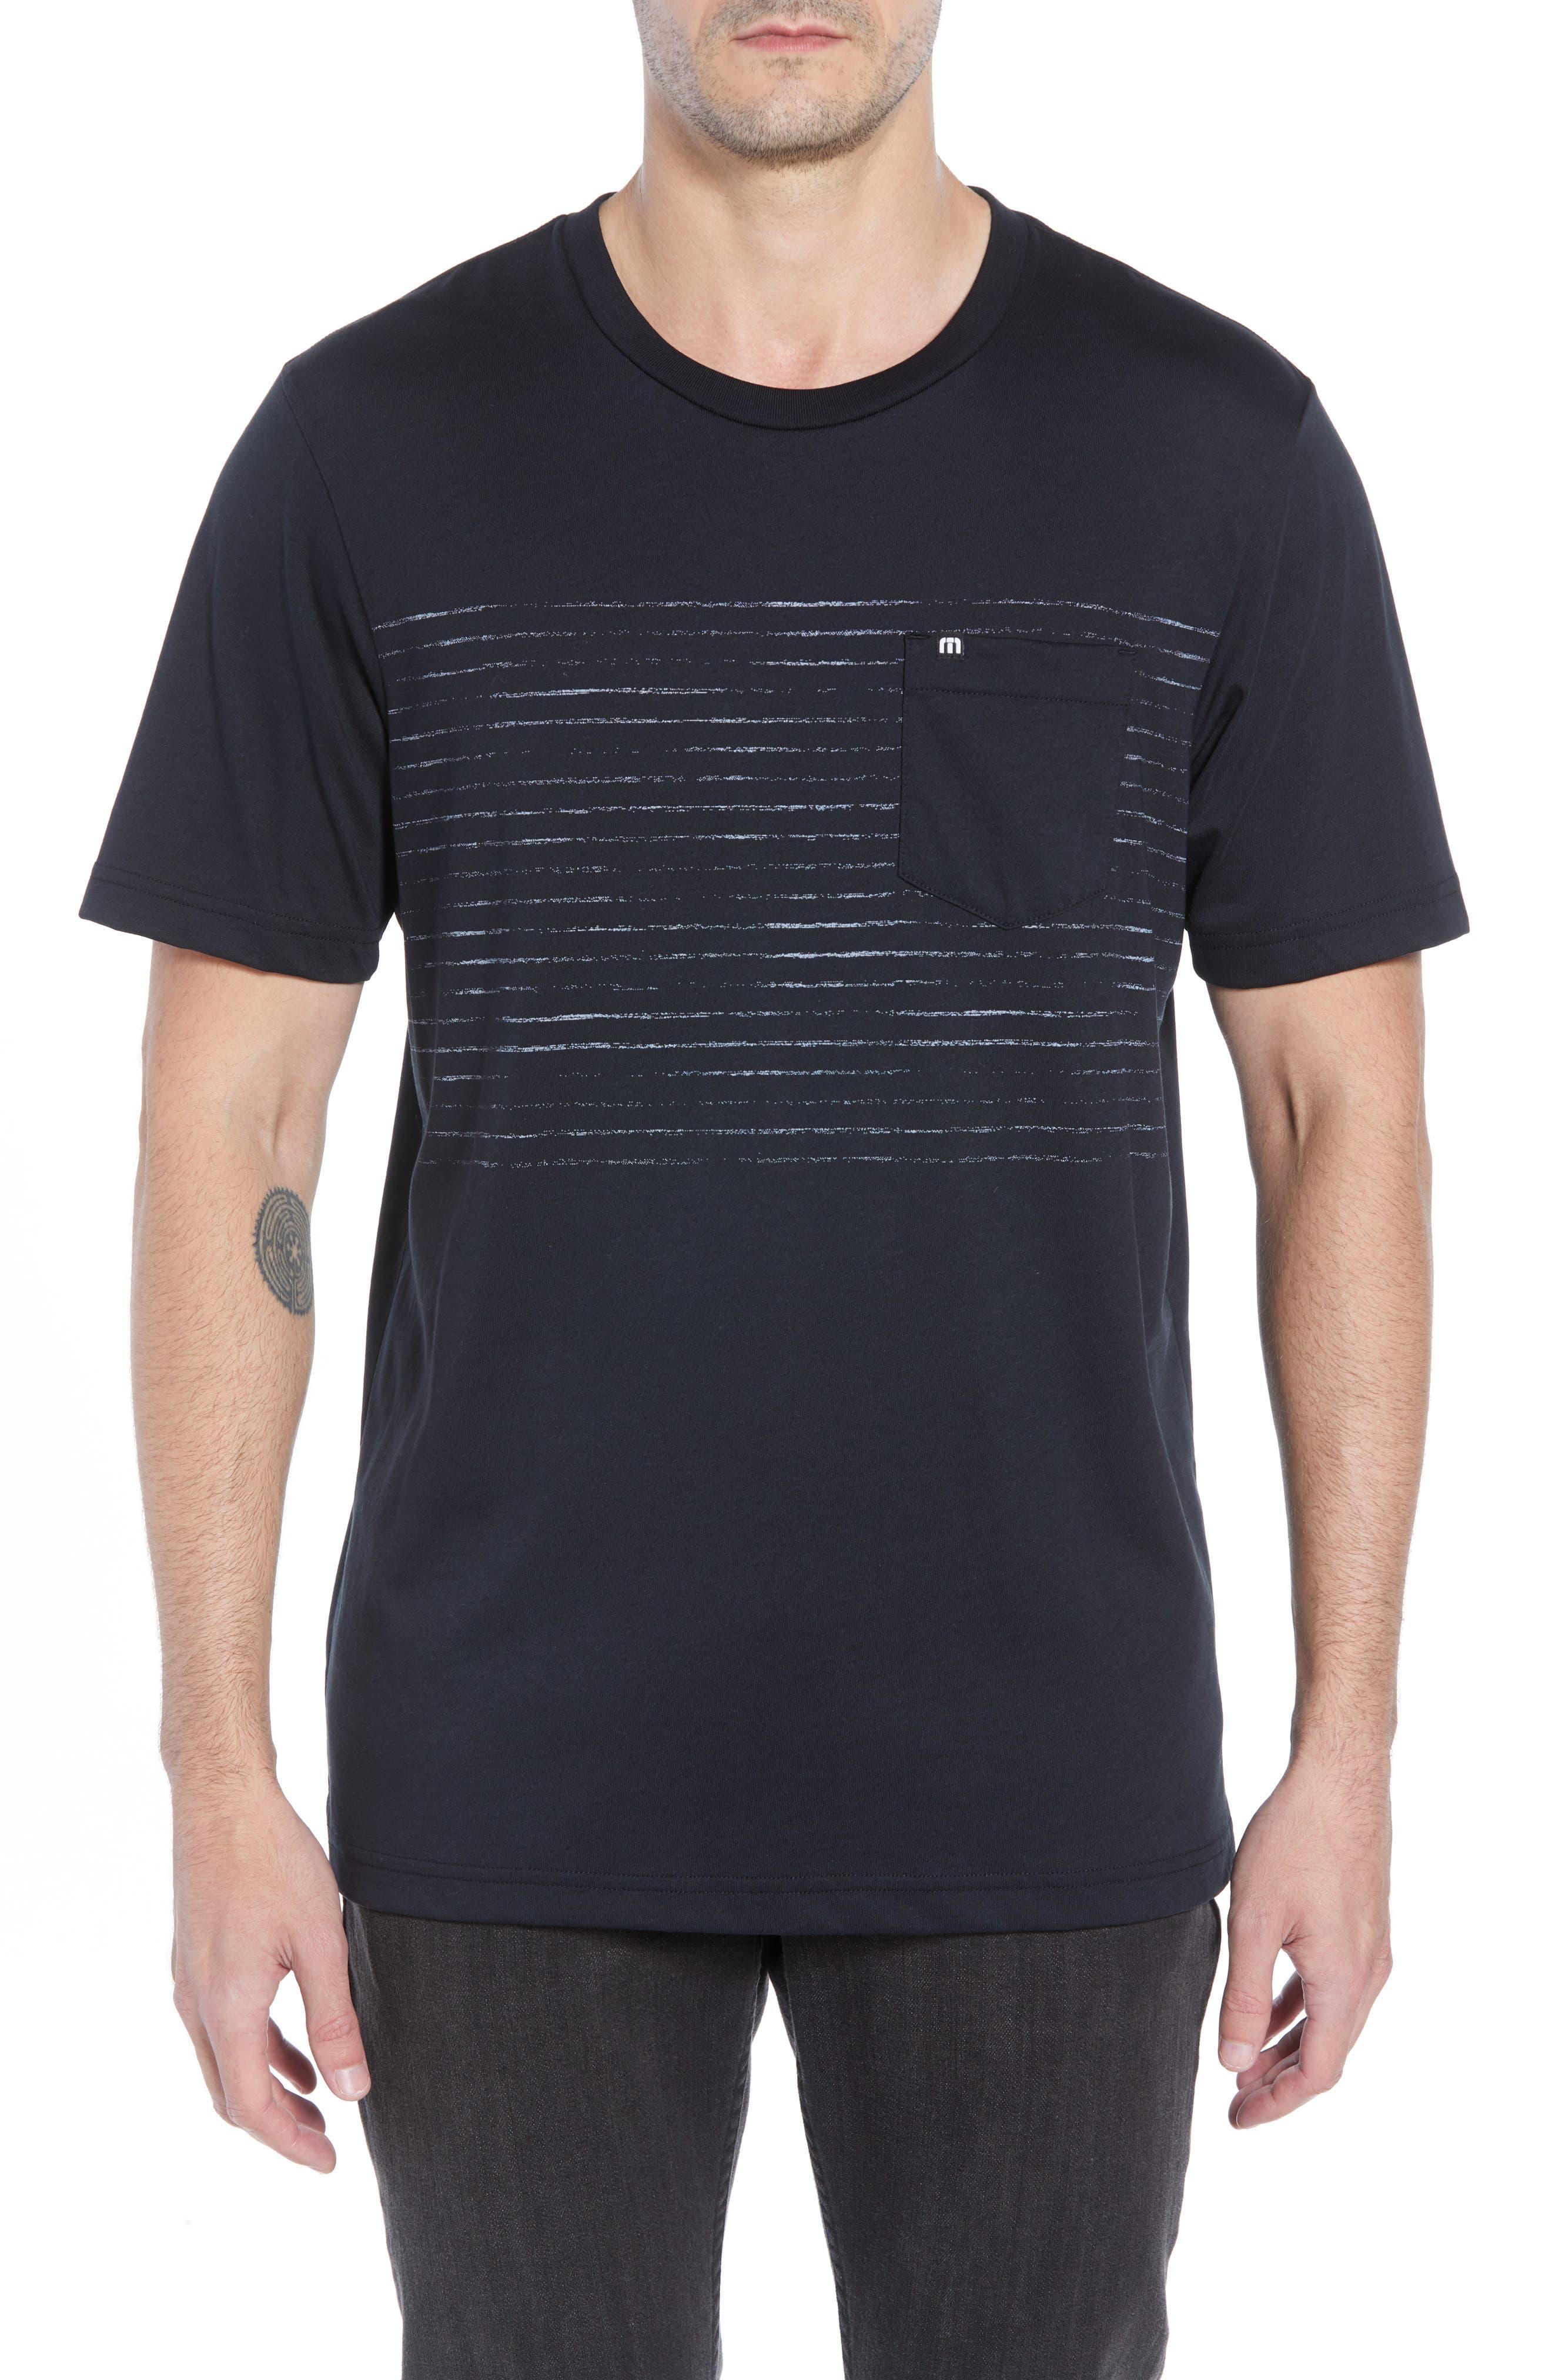 Travis Mathew Outliner Striped Pocket T-Shirt, Black